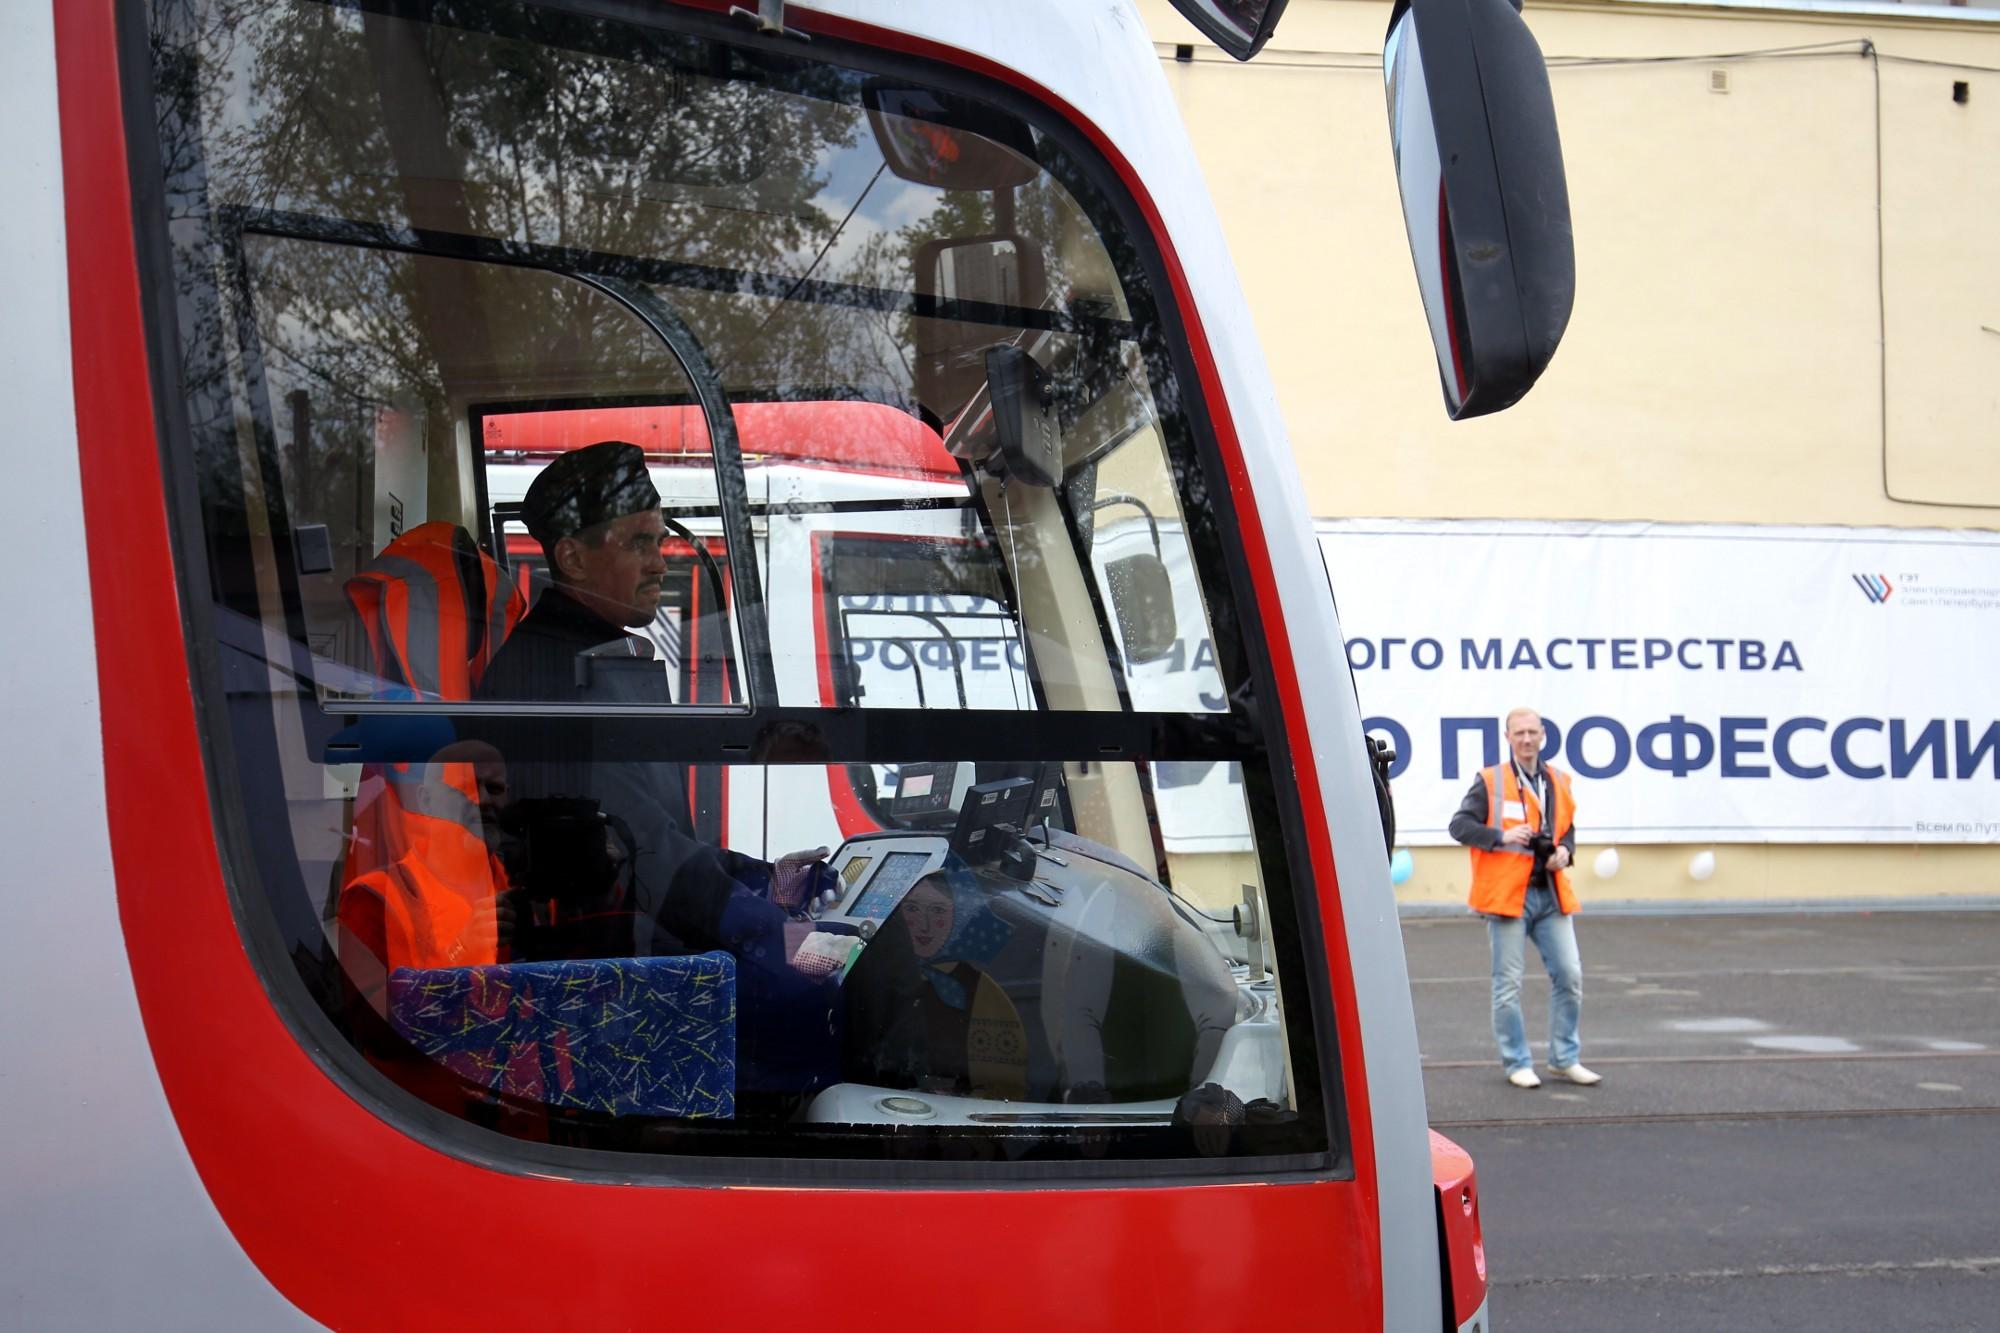 водитель трамвая в петербурге о профессии